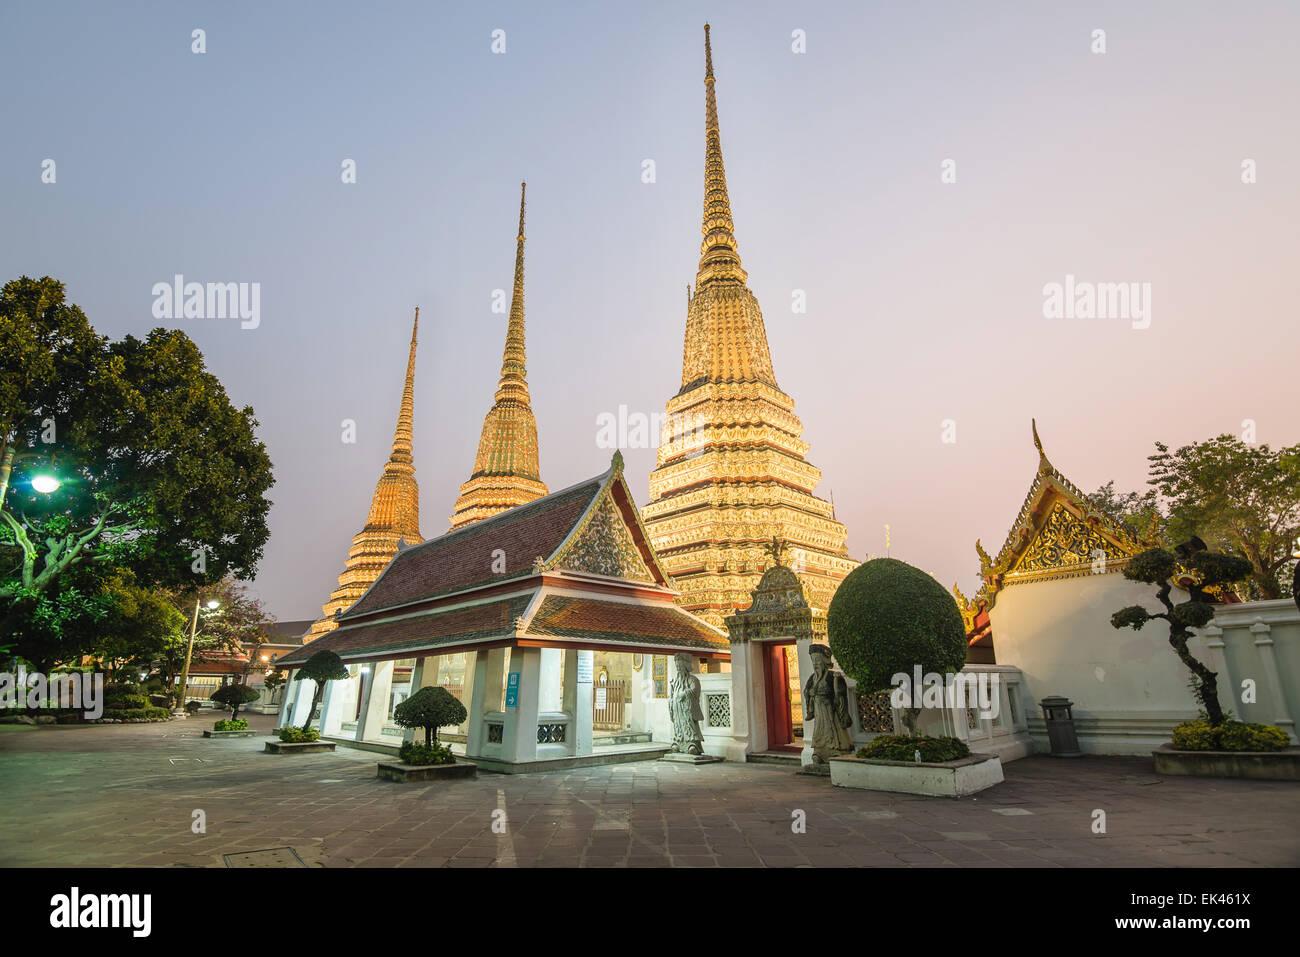 Wat Pho Temple at night of Bangkok, Thailand - Stock Image